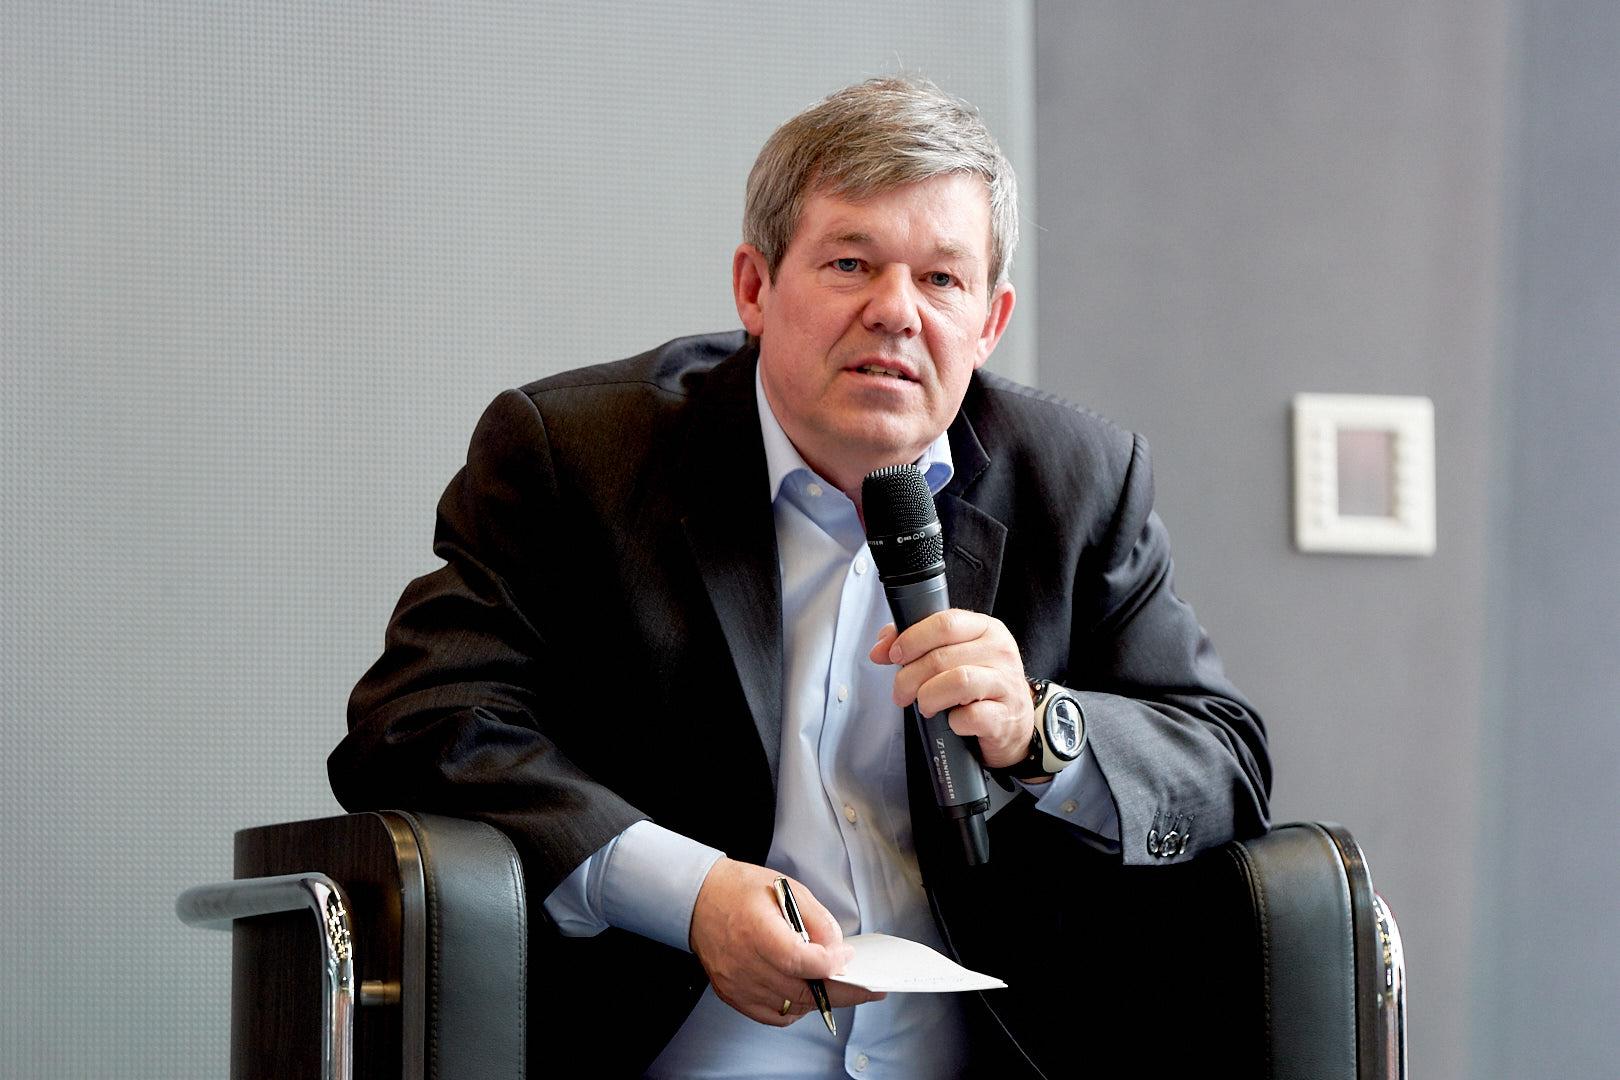 PD Dr. Andreas Boes, Wing-Projektkoordinator und Vorstandsmitglied des ISF München